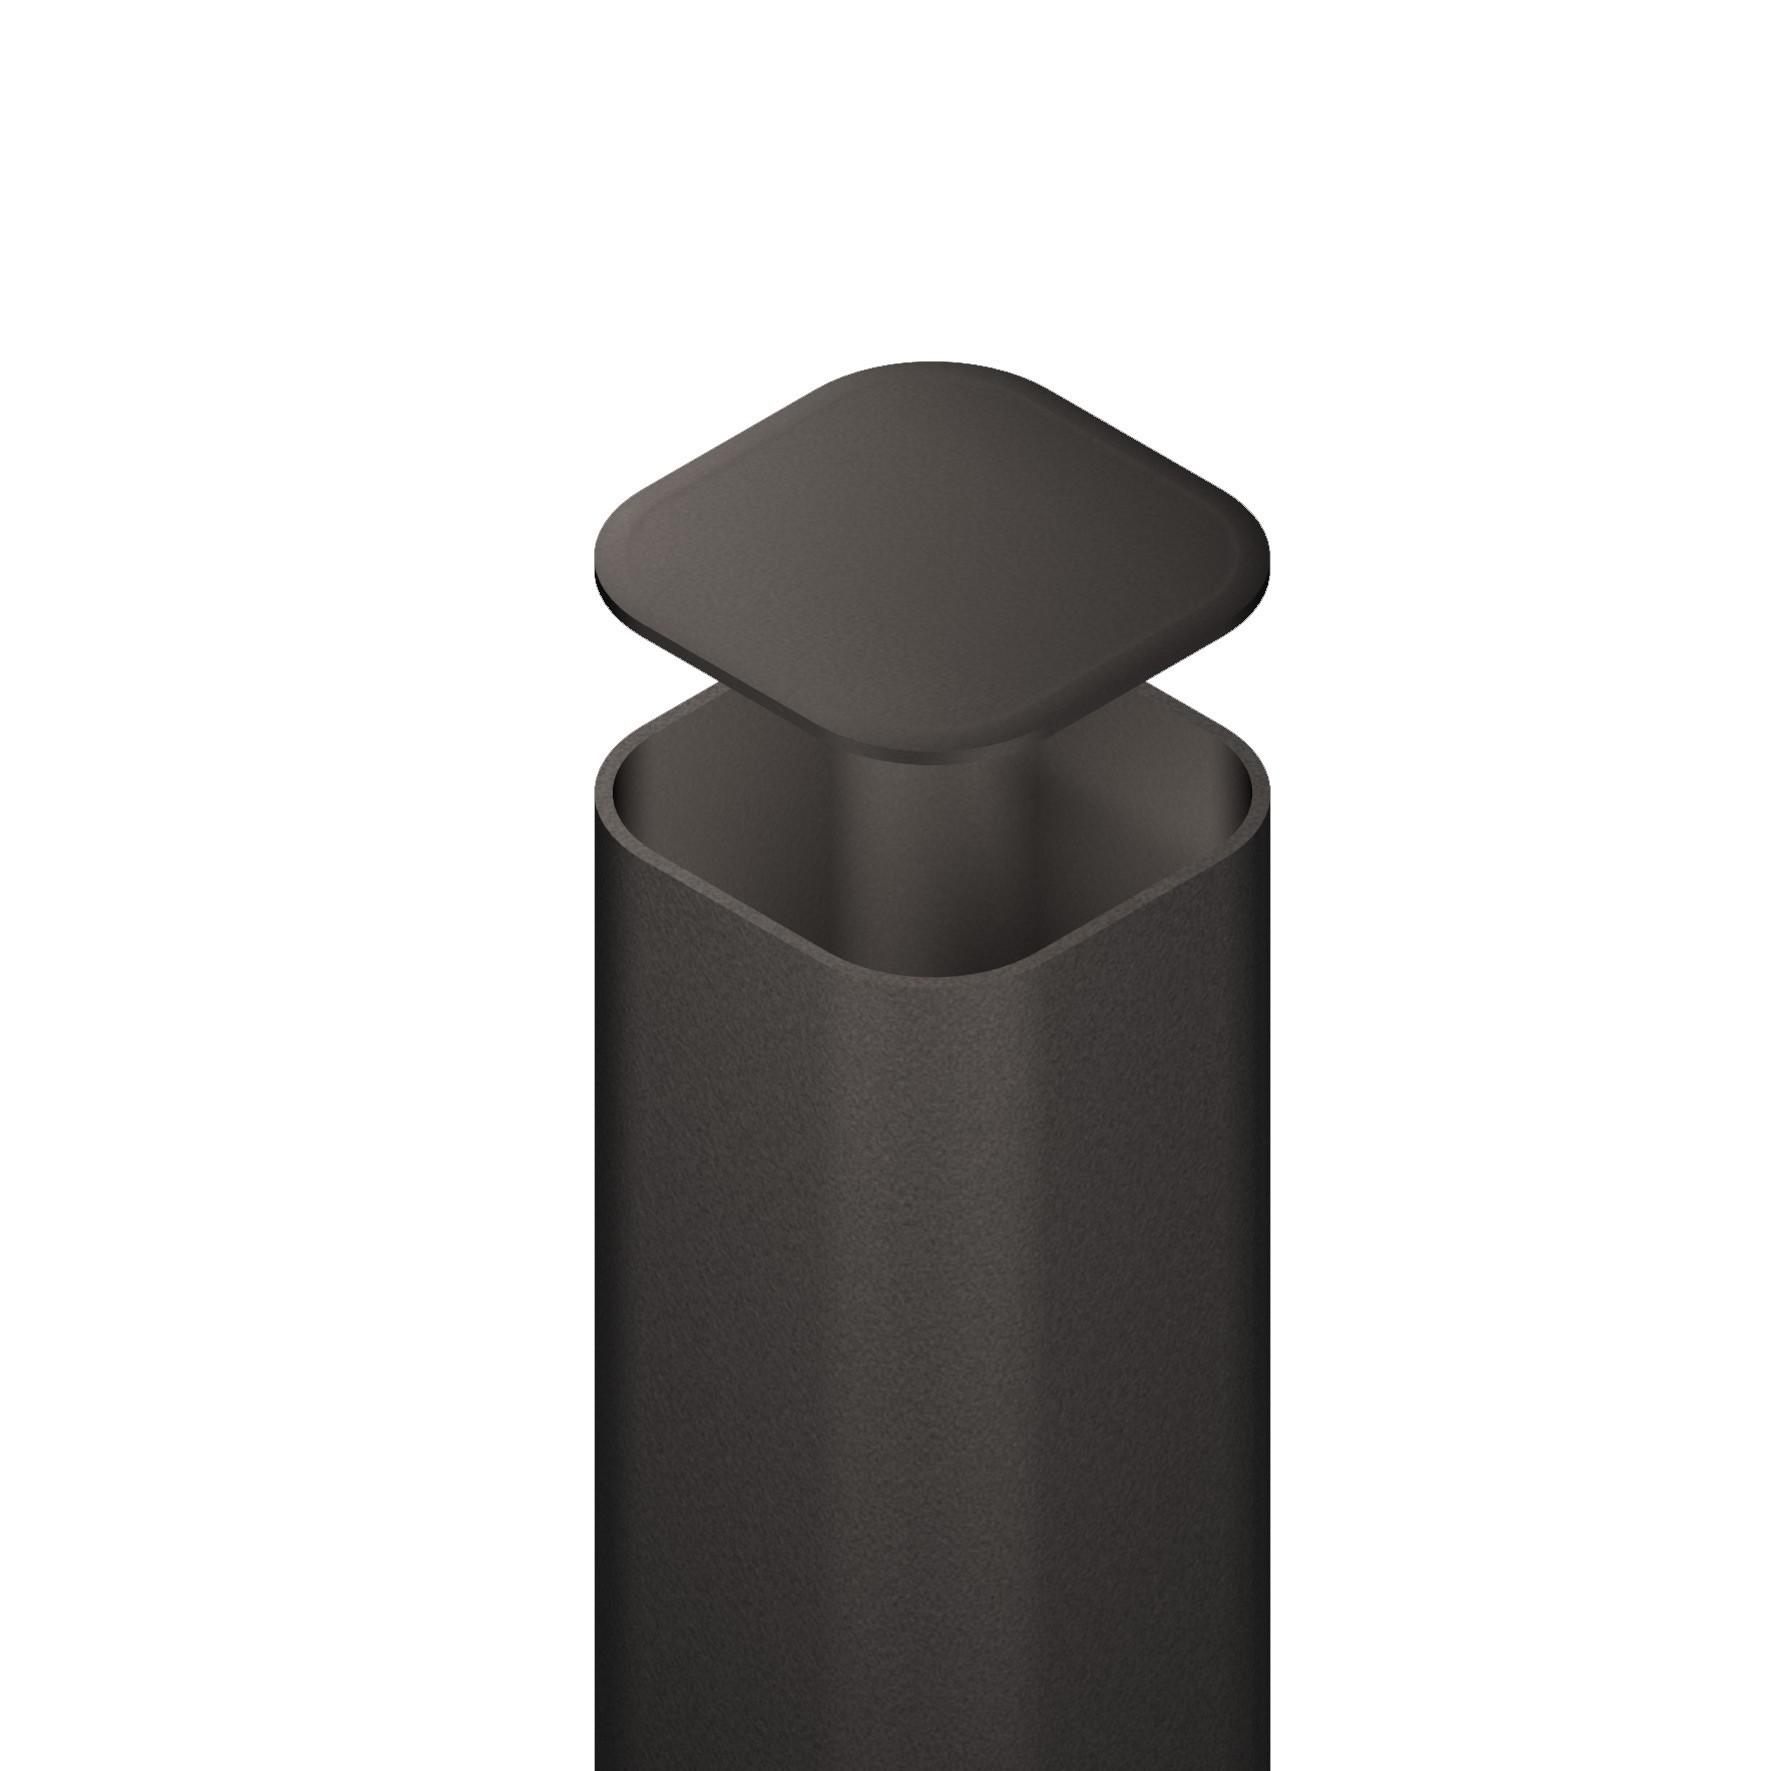 metallpfosten f r zaun zum einbetonieren anthrazit 7x7x240cm bei. Black Bedroom Furniture Sets. Home Design Ideas